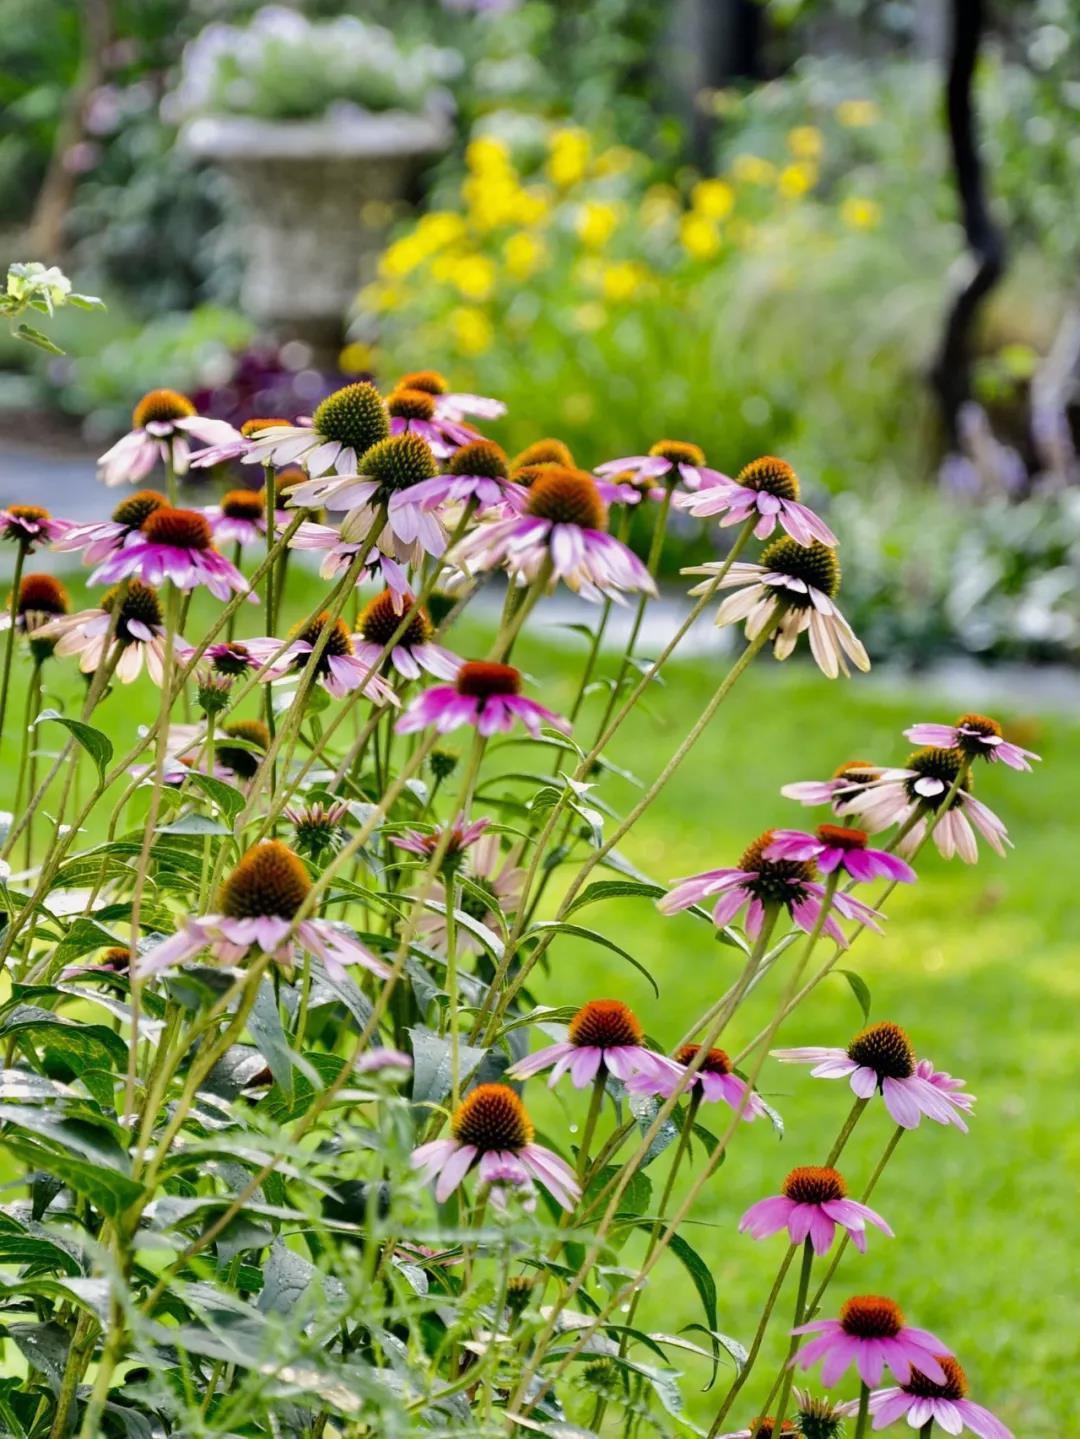 Khu vườn đẹp như chốn thần tiên do người phụ nữ dành tất cả tình yêu trong suốt 16 năm chăm sóc - Ảnh 26.